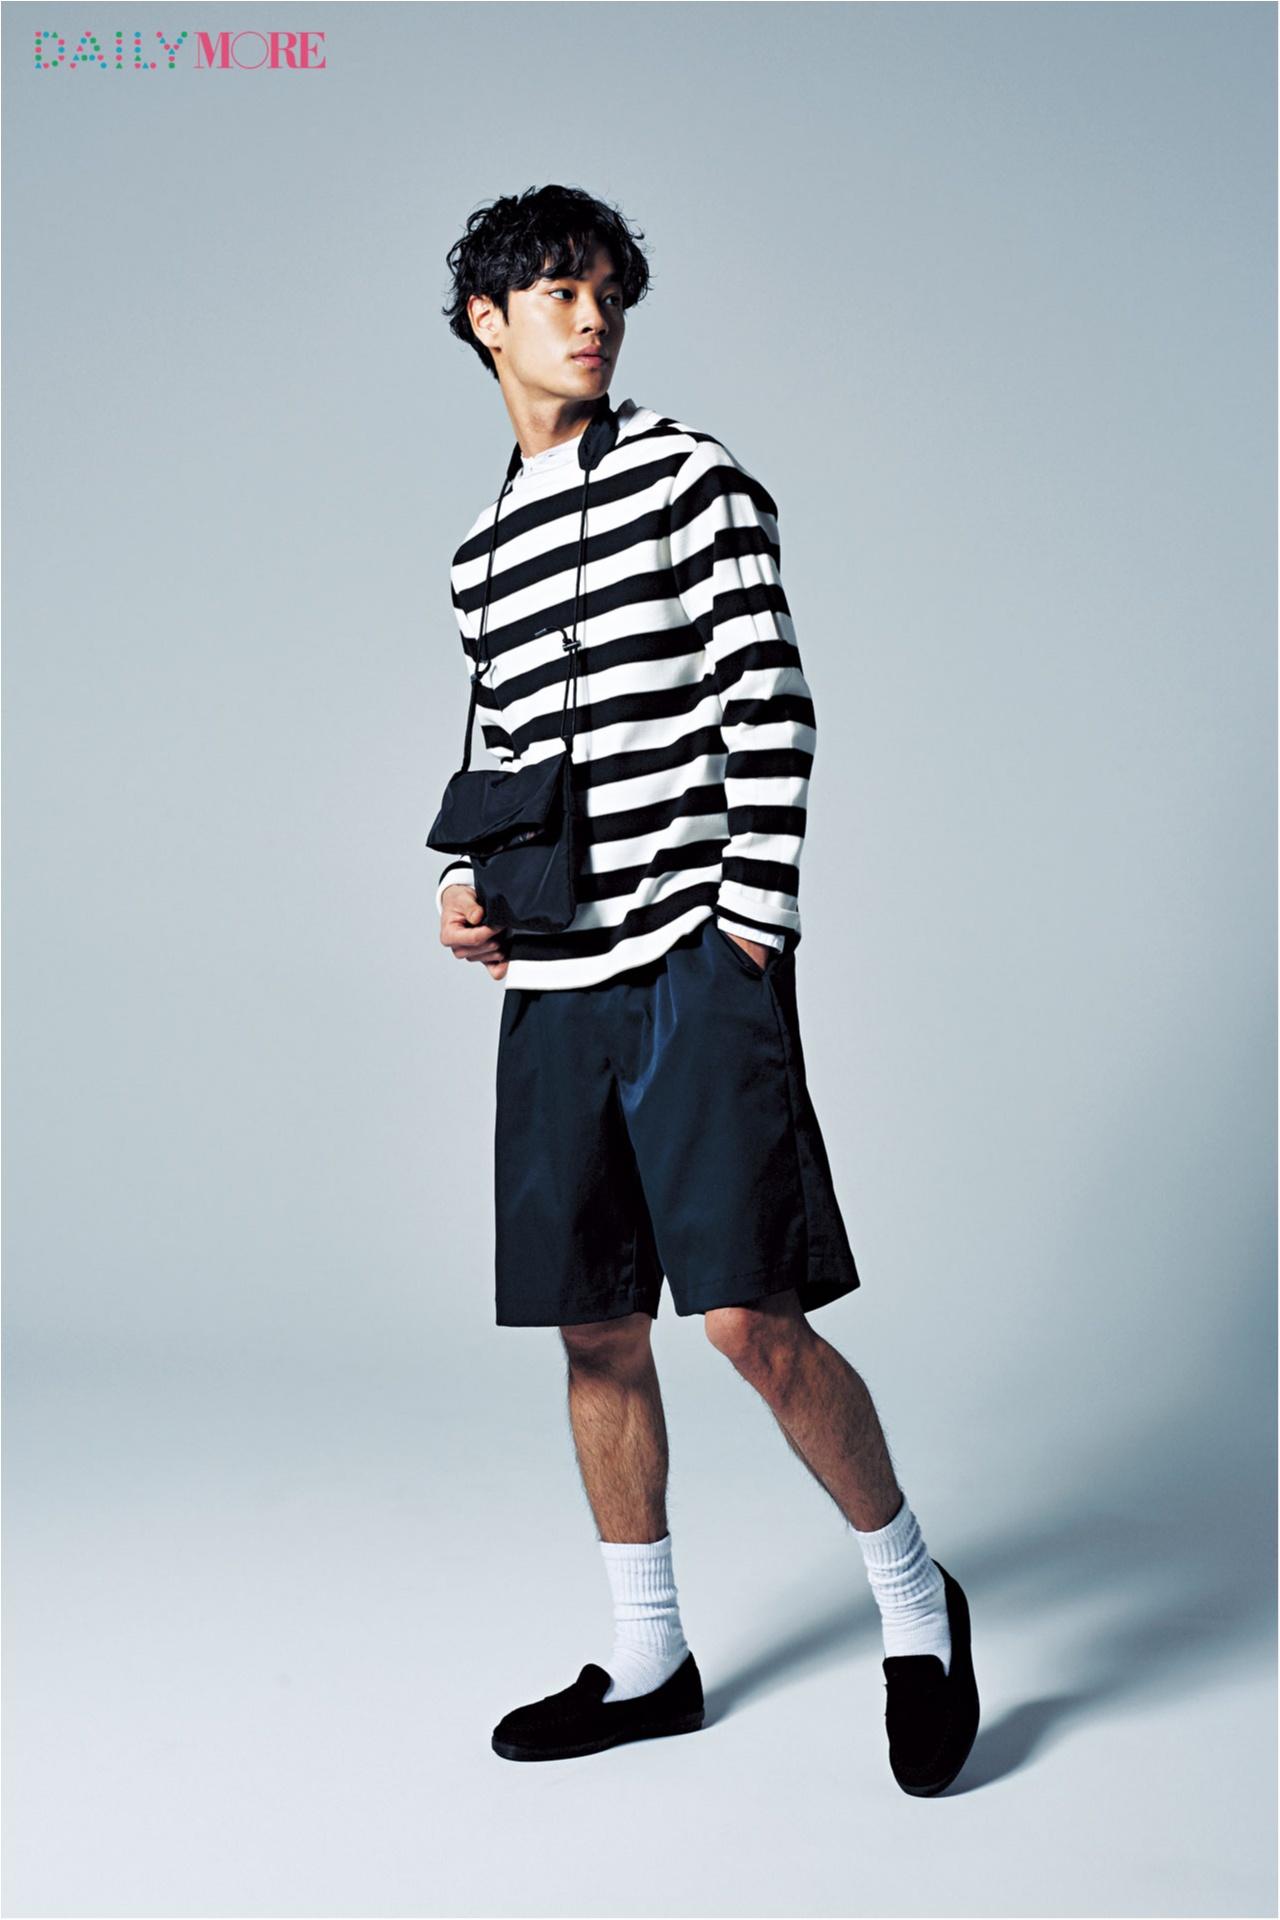 【彼のファッションにお困りのあなた!】モア世代男子にふさわしい「シンプルだけどこなれてる」コーデをメンズスタイリストが伝授します☆_2_3